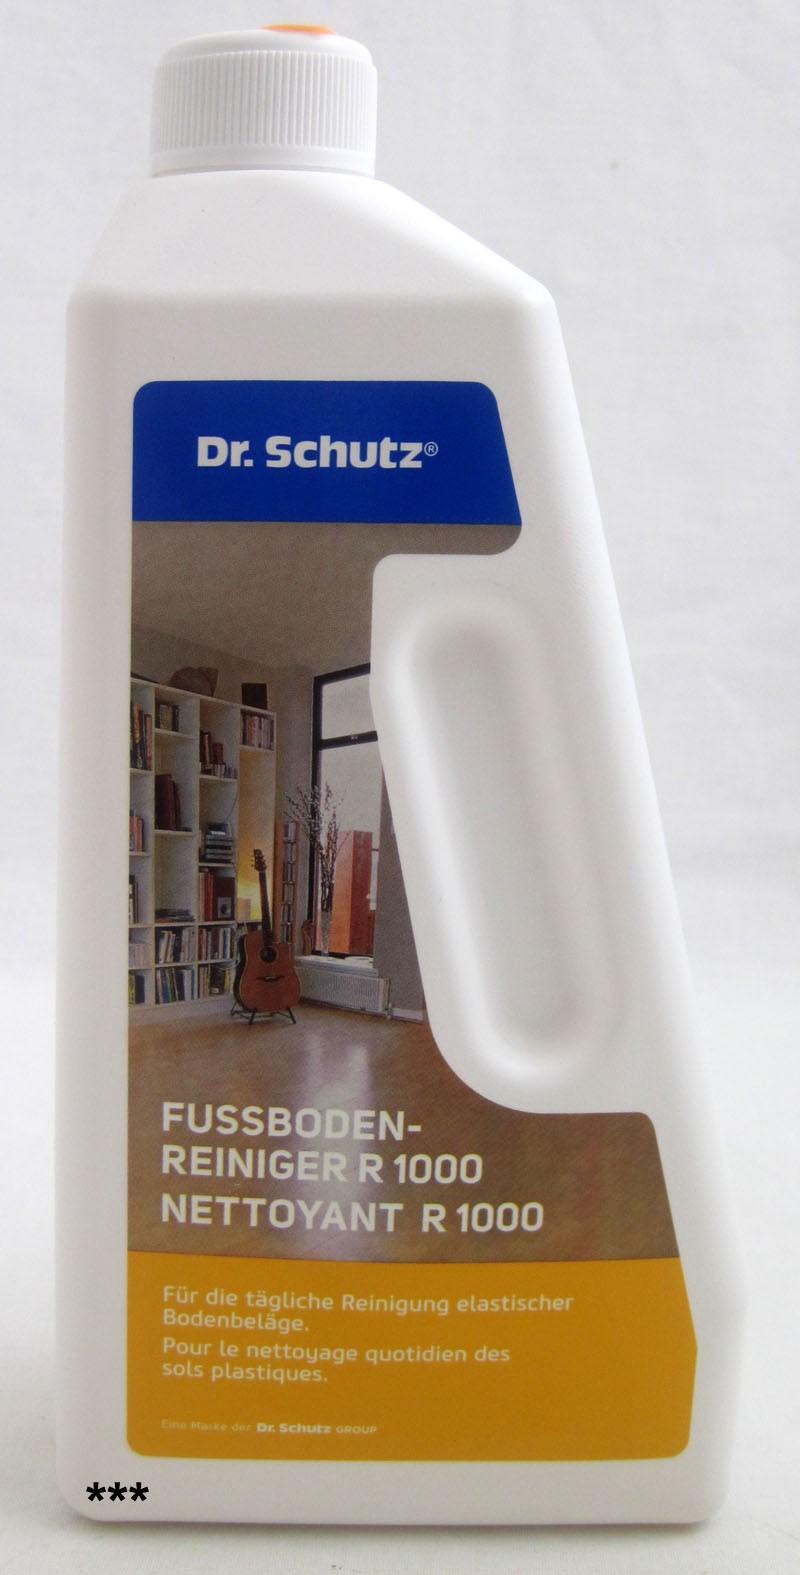 Dr. Schutz Fußbodenreiniger R 1000 750 ml